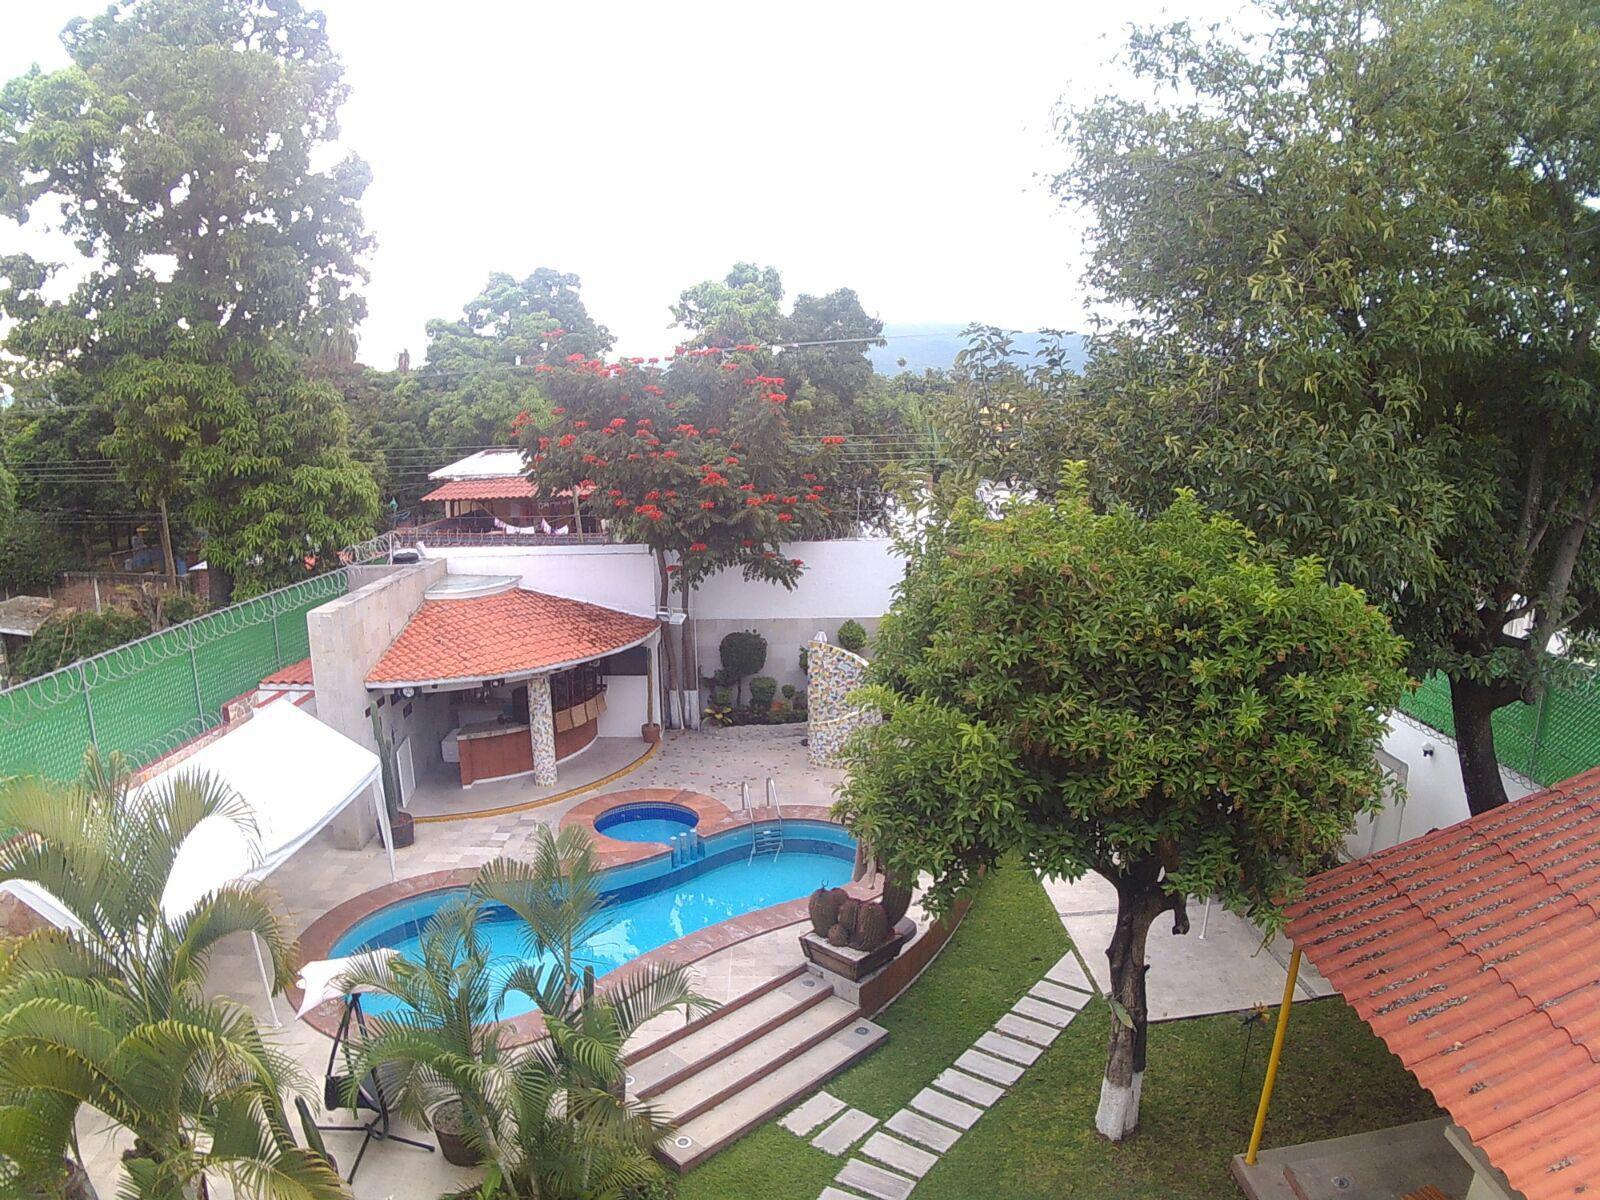 Renta de casa para fiestas for Casa con piscina para alquilar